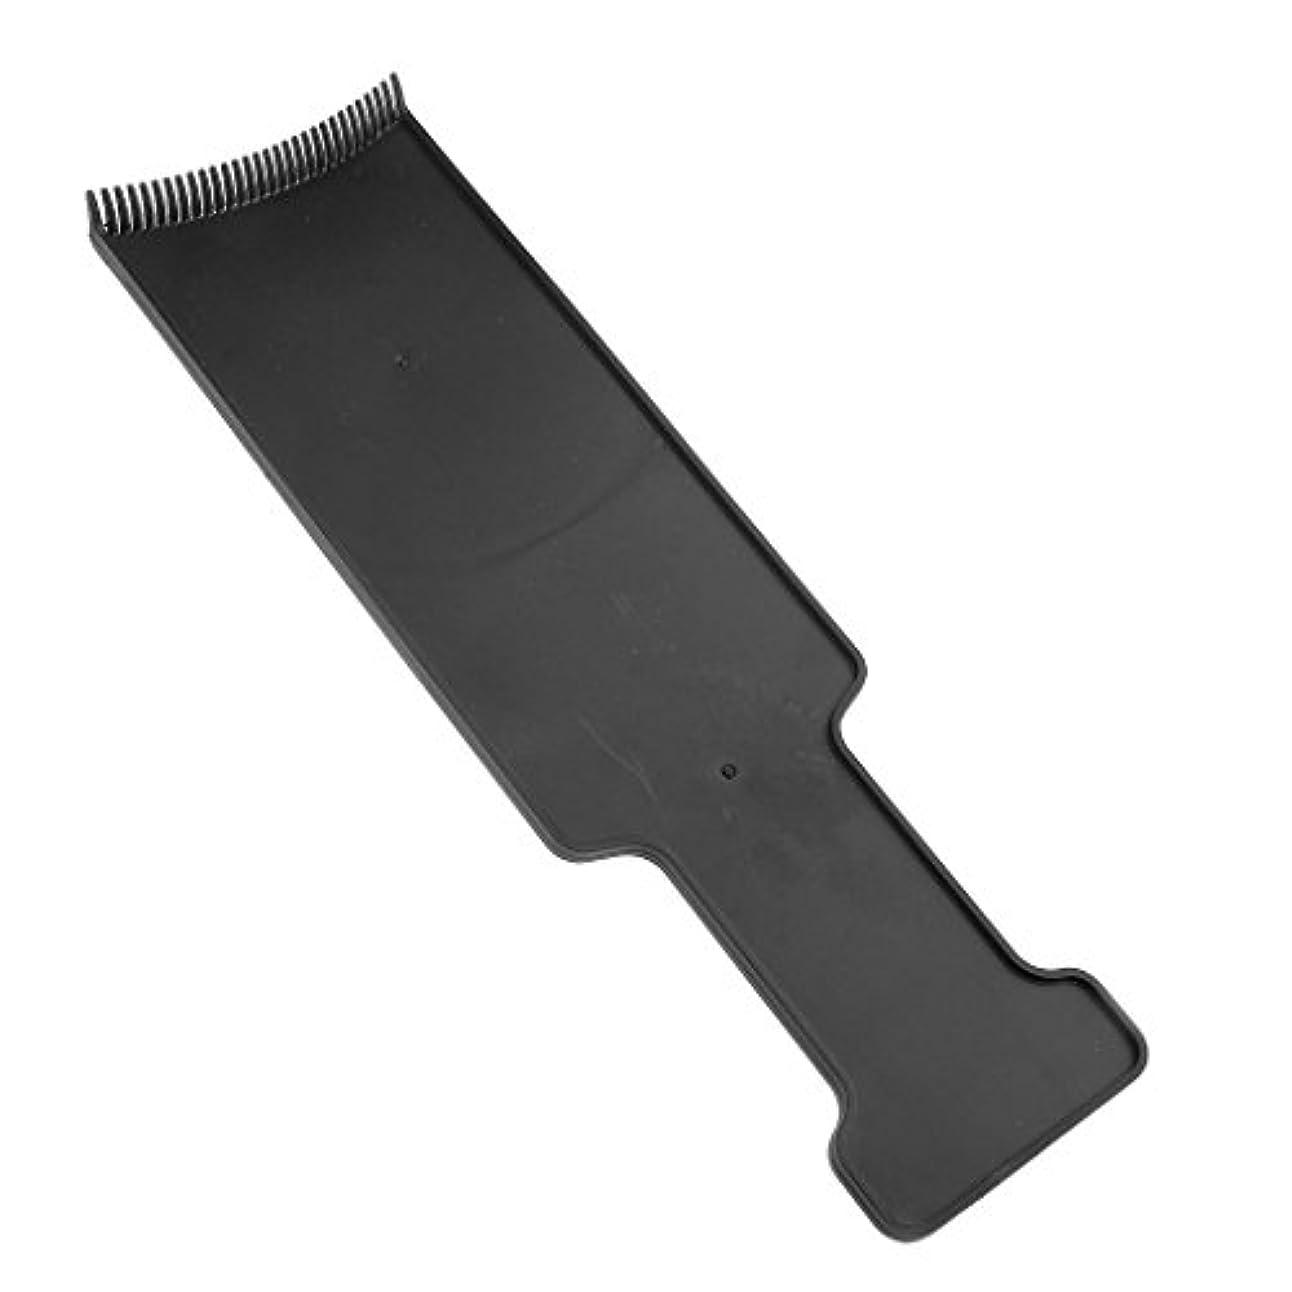 老朽化した想像力フィヨルドBaosity サロン ヘアカラー ボード ヘア 染色 ツール ブラック 全4サイズ - M